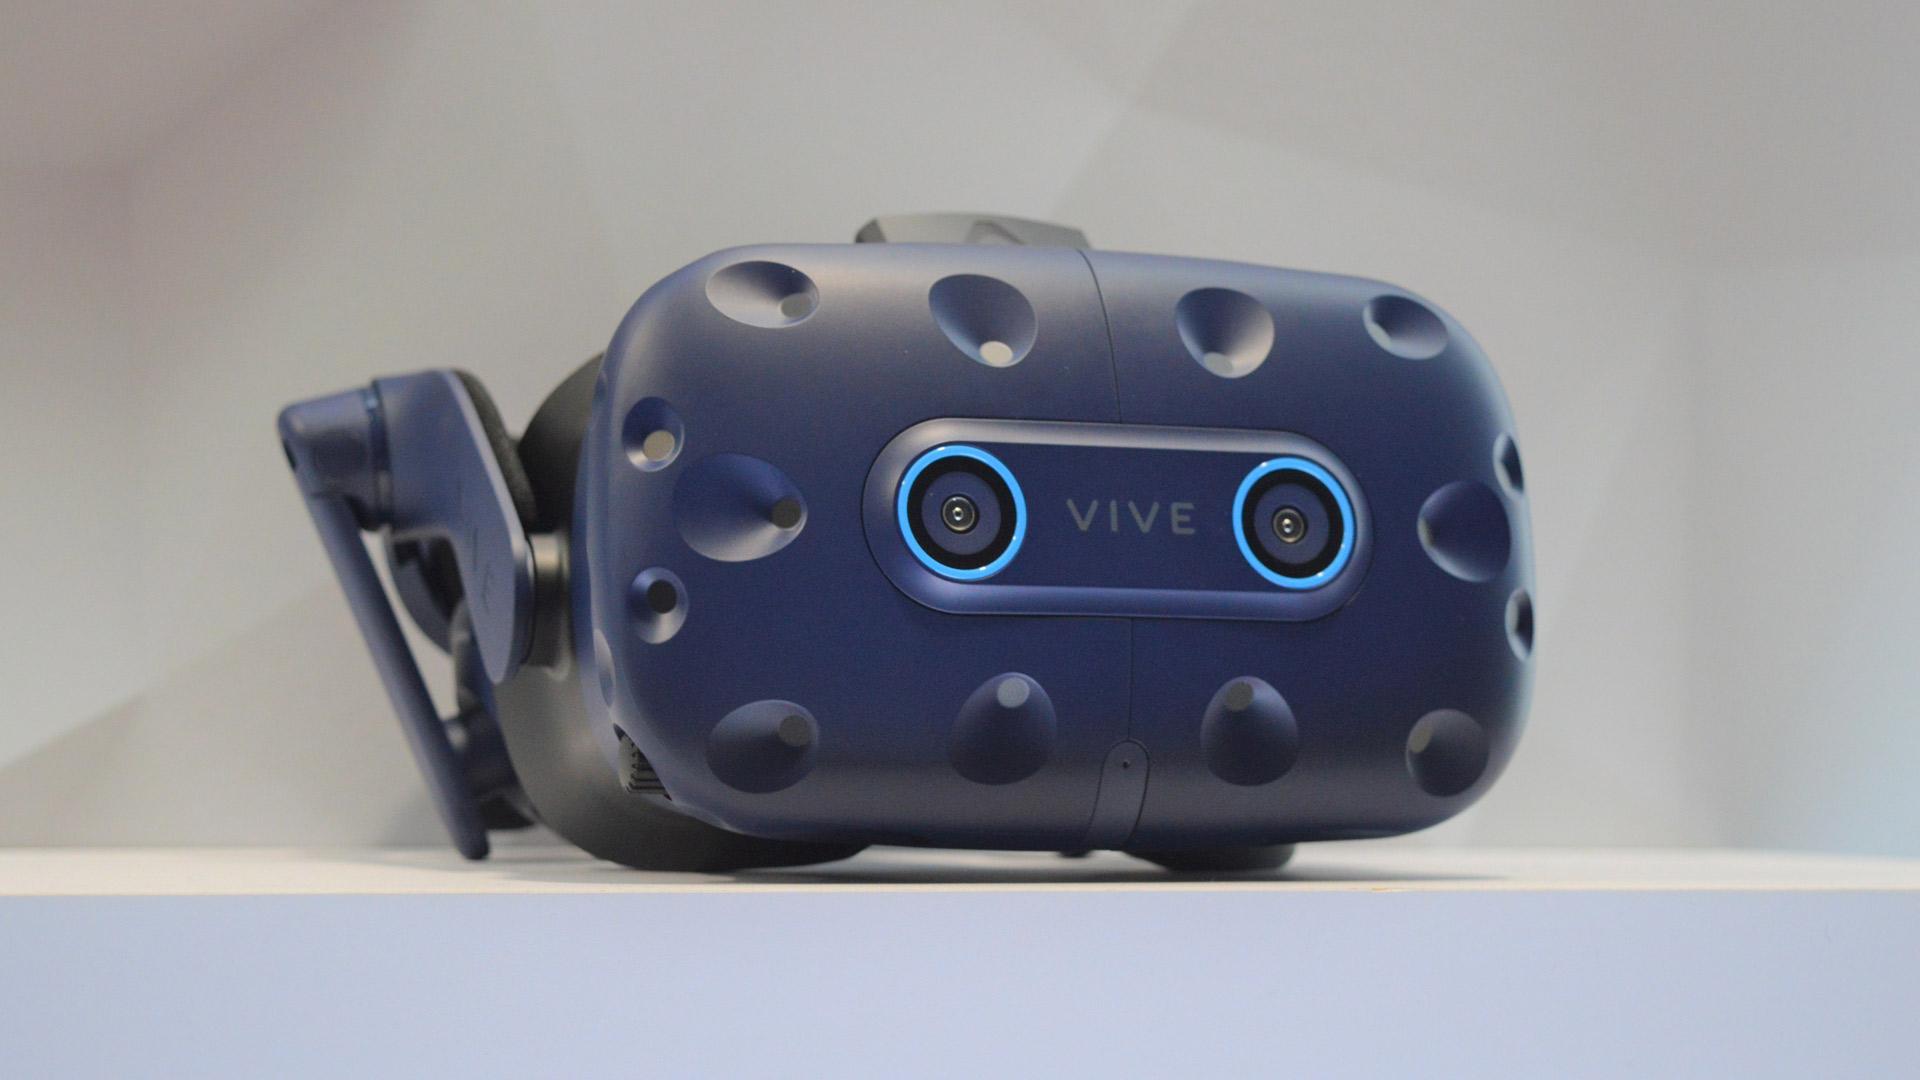 HTC VIVE îmbunătățește portofoliul VR Premium cu un nou hardware, abonament nelimitat la software și parteneriate de conținut